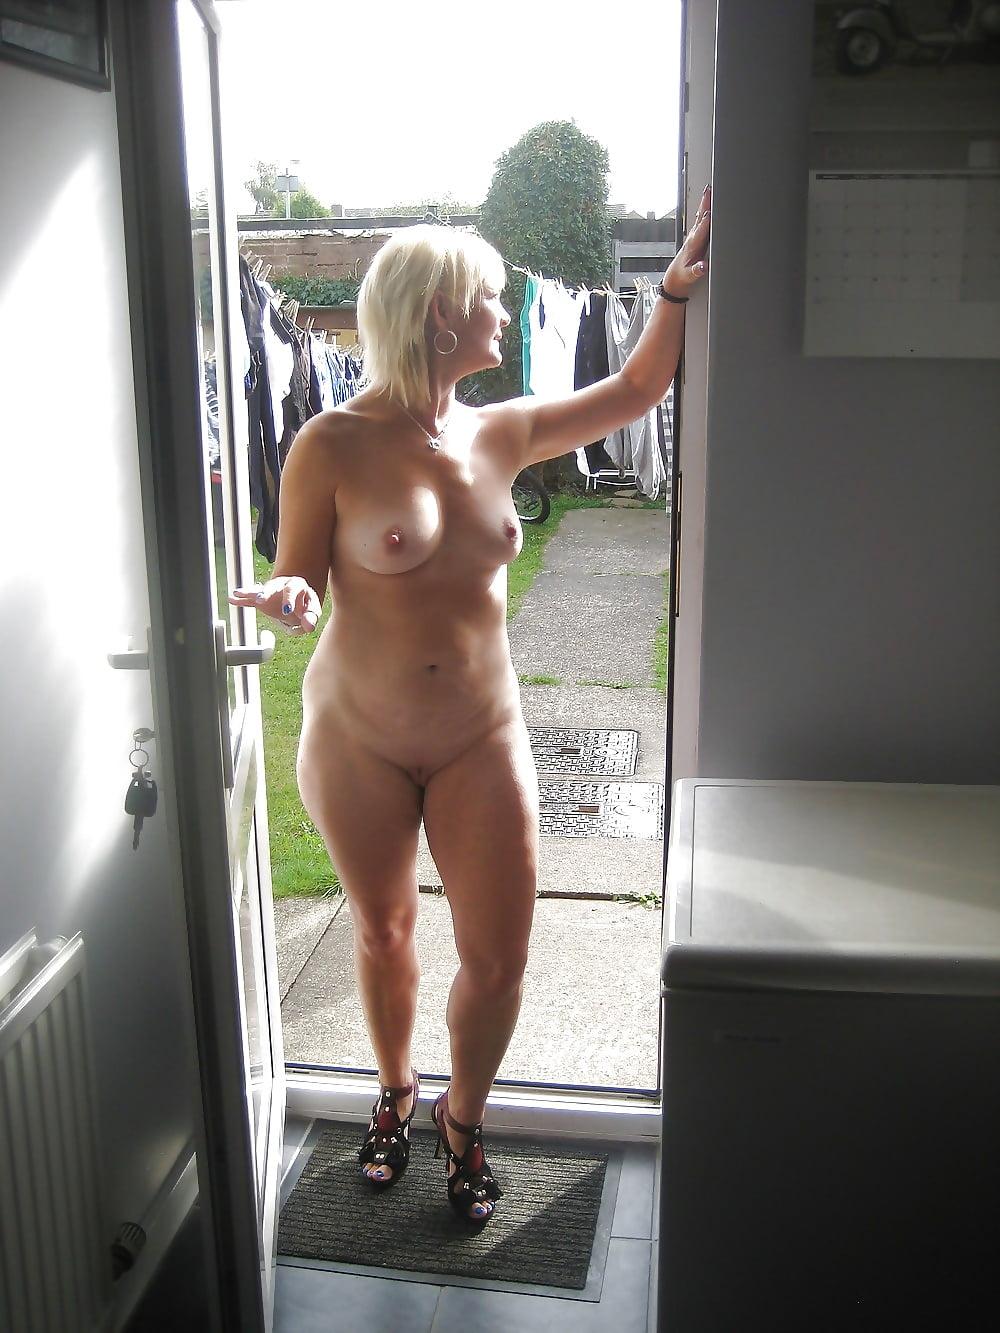 наблюдал,как один голая жена позирует на балконе долго